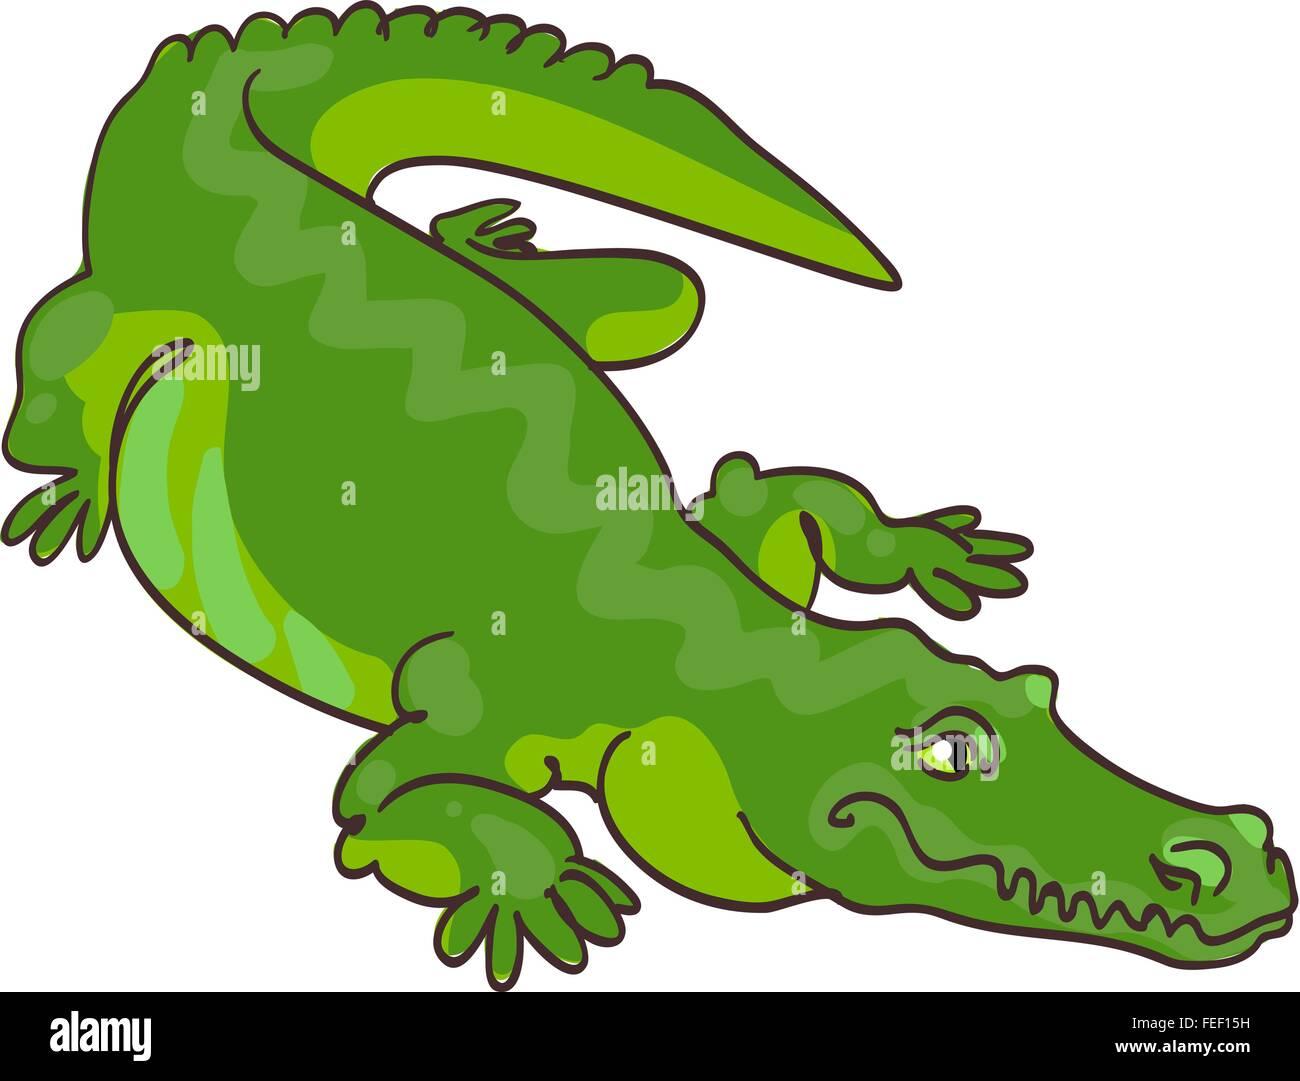 Cocodrilo Verde En El Estilo De Dibujos Animados